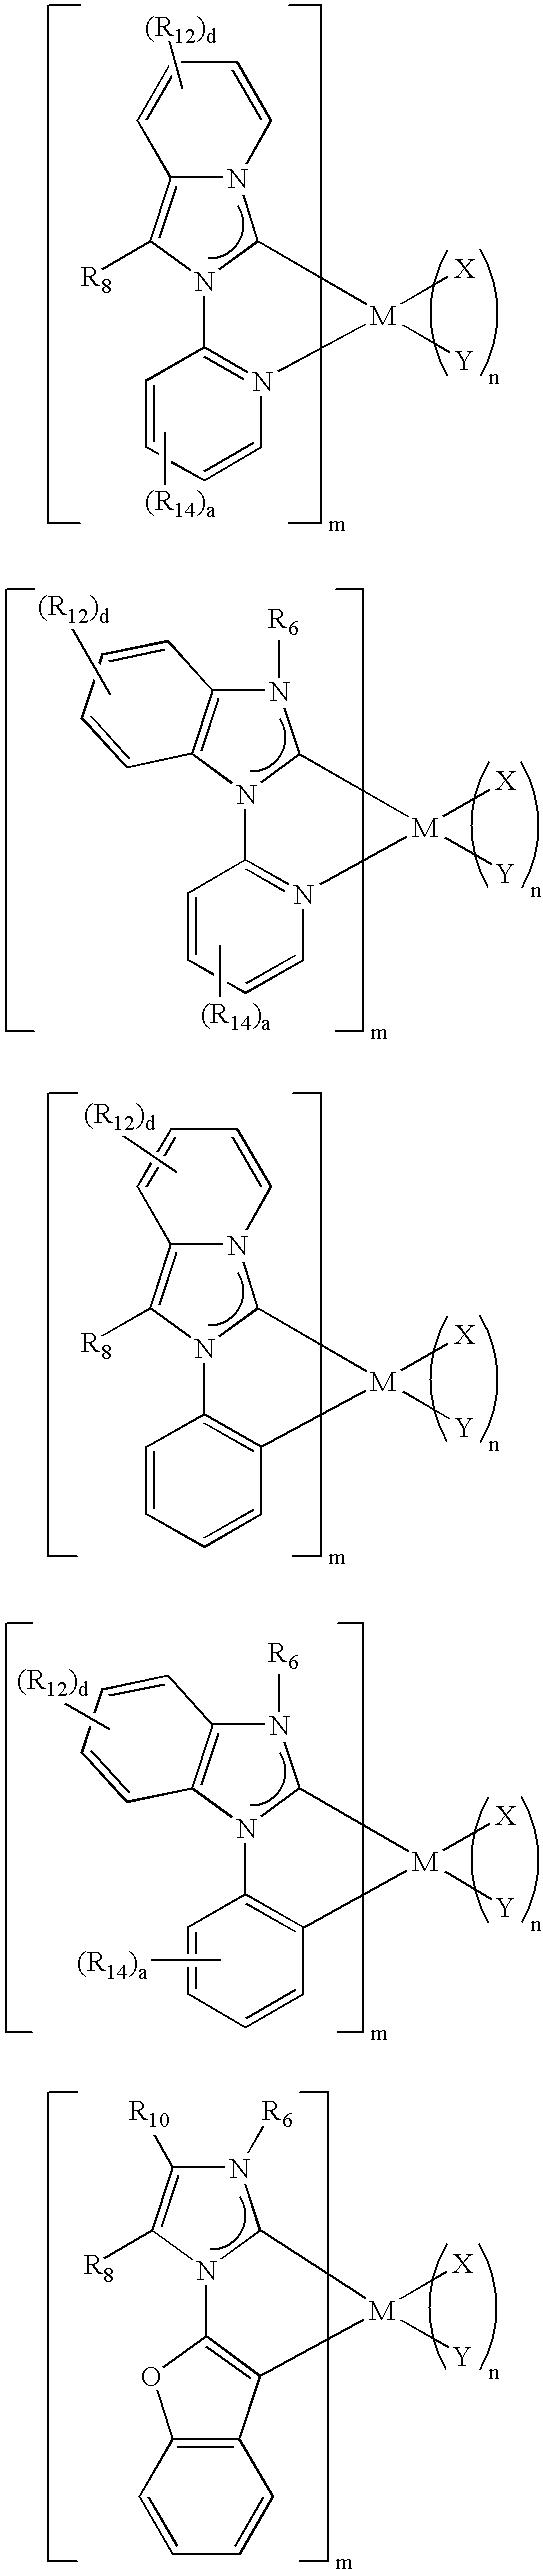 Figure US20050260441A1-20051124-C00055